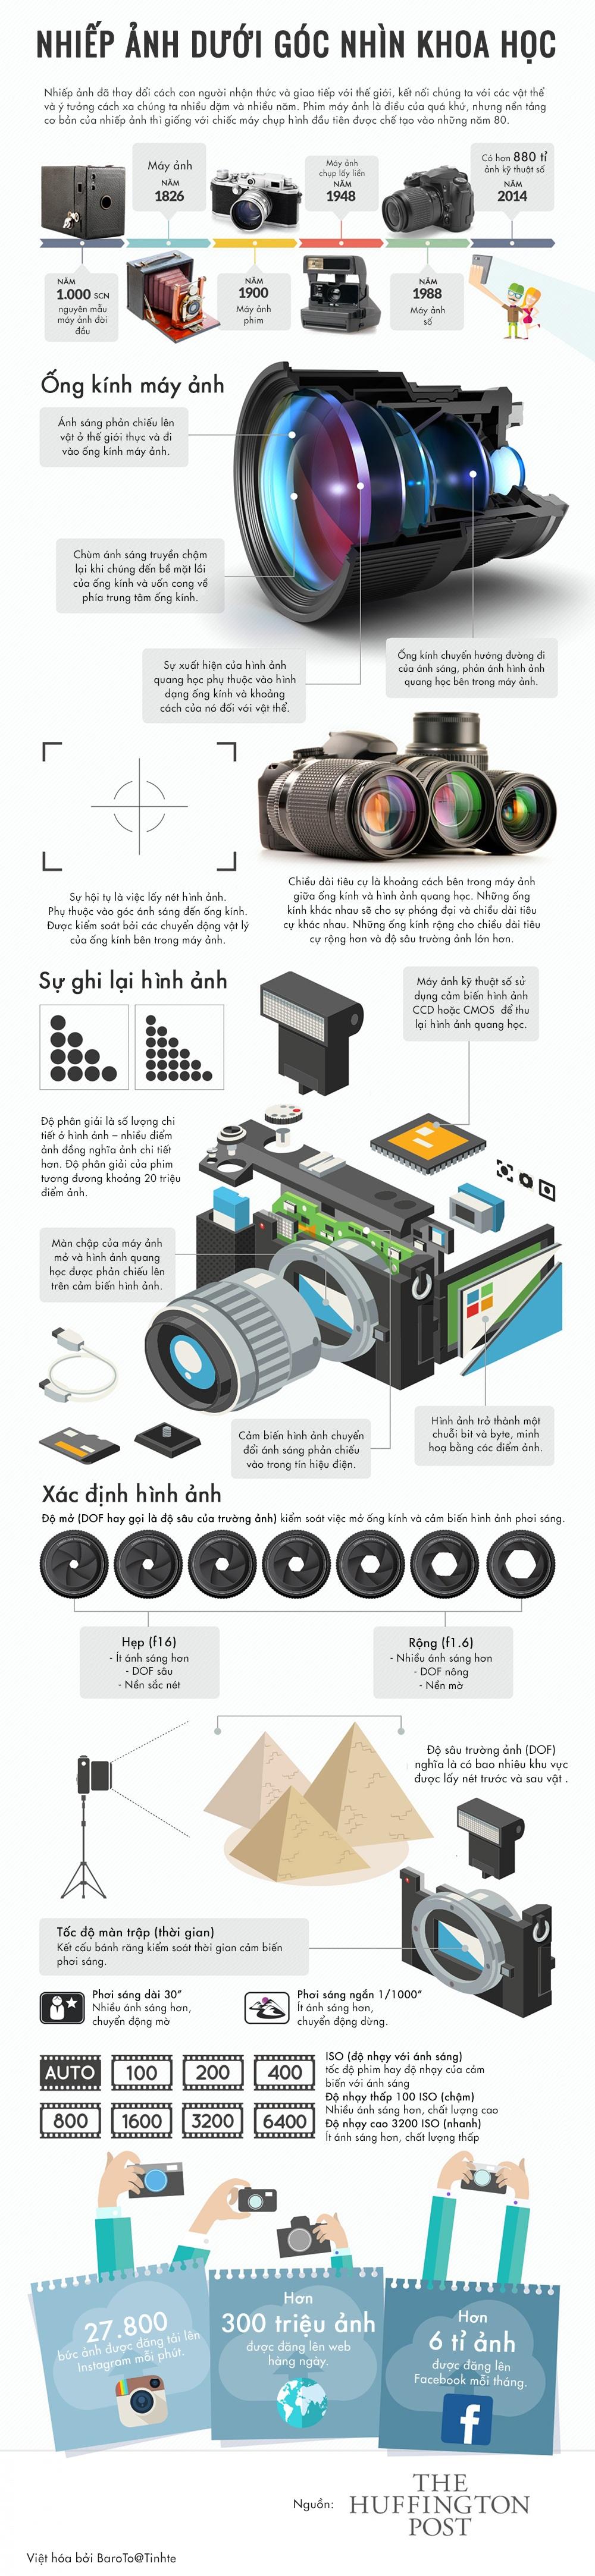 Infographic - Nhiếp Ảnh và Những Điều Cần Biết